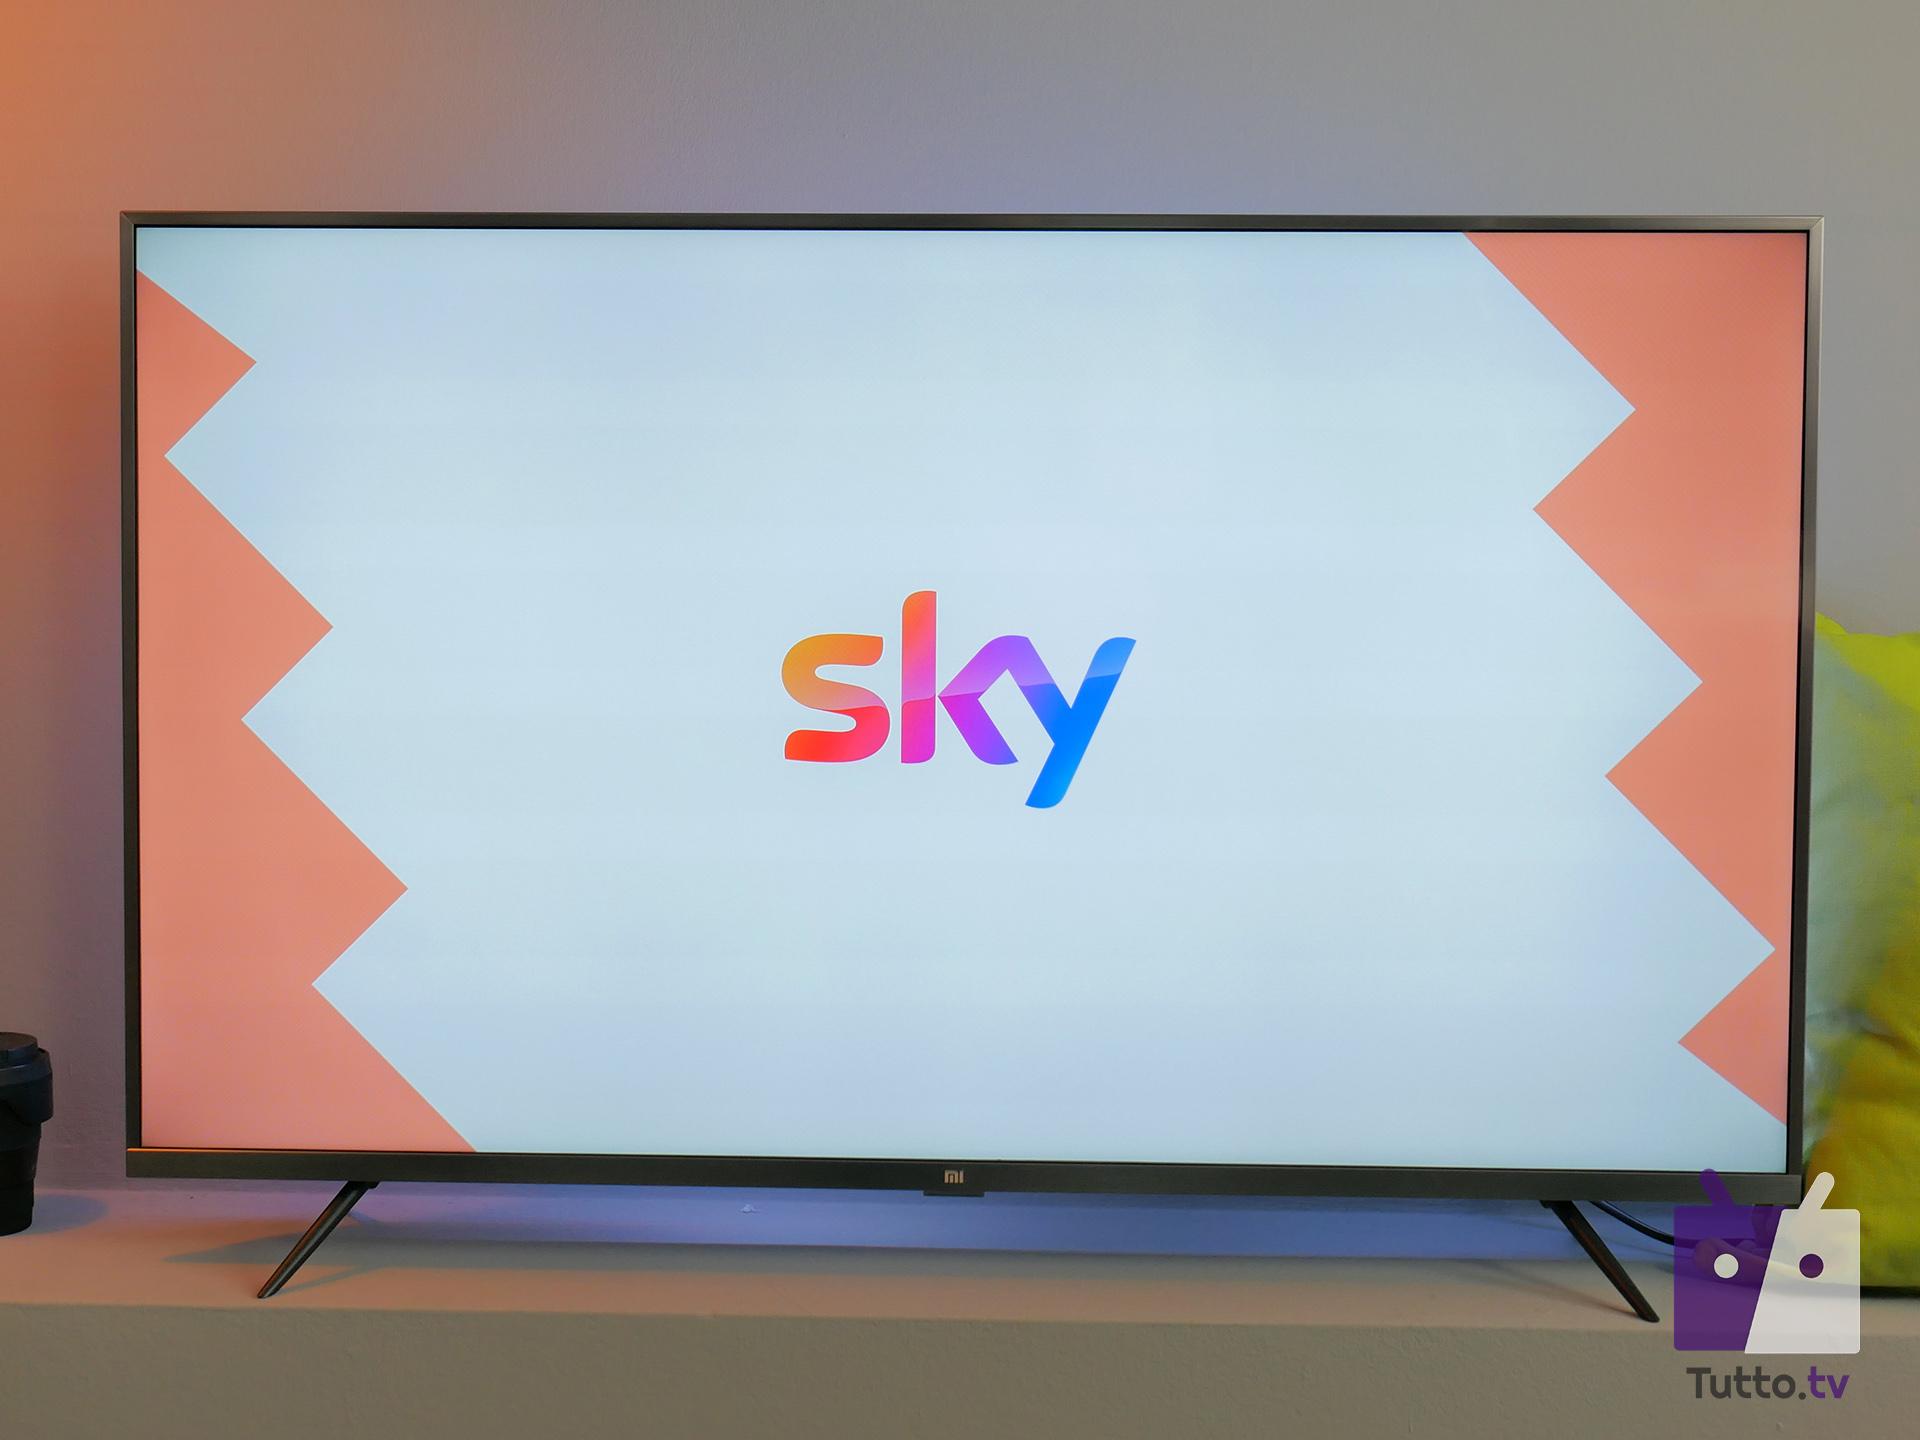 Sky, in arrivo 4 nuovi canali? 2 dedicati alle serie tv, 2 per documentari e natura